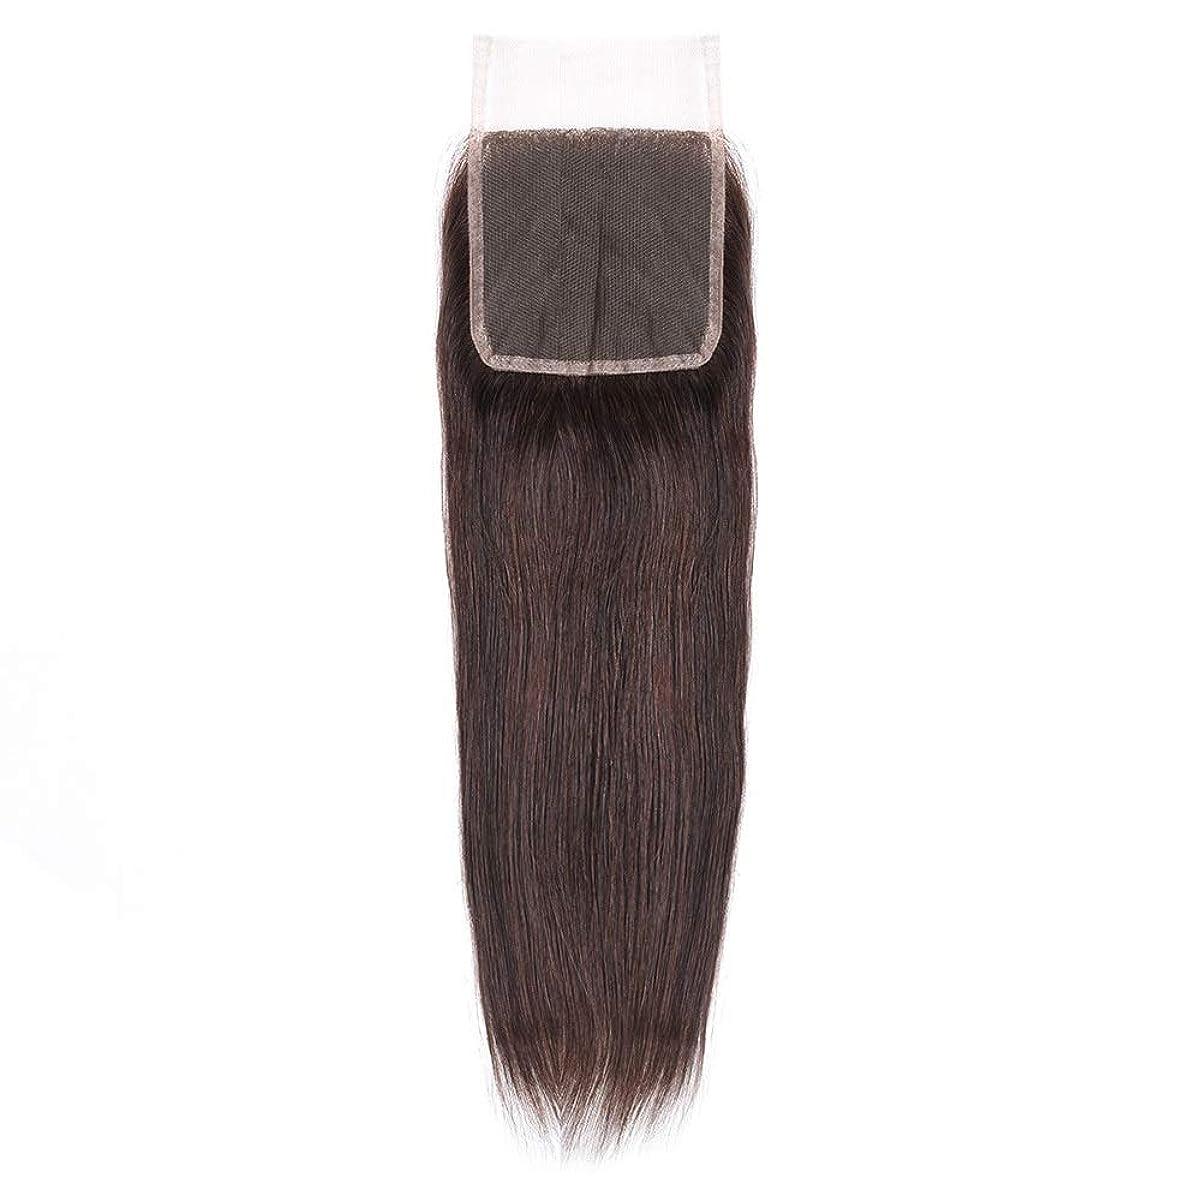 病な降雨重なるBOBIDYEE 絹のような長い茶色のレースの閉鎖ストレートヘアレース前頭ブラジル髪の耳に4 x 4自由な部分の人間の毛髪の女性の合成かつらレースのかつらロールプレイングかつら (色 : 黒, サイズ : 20 inch)